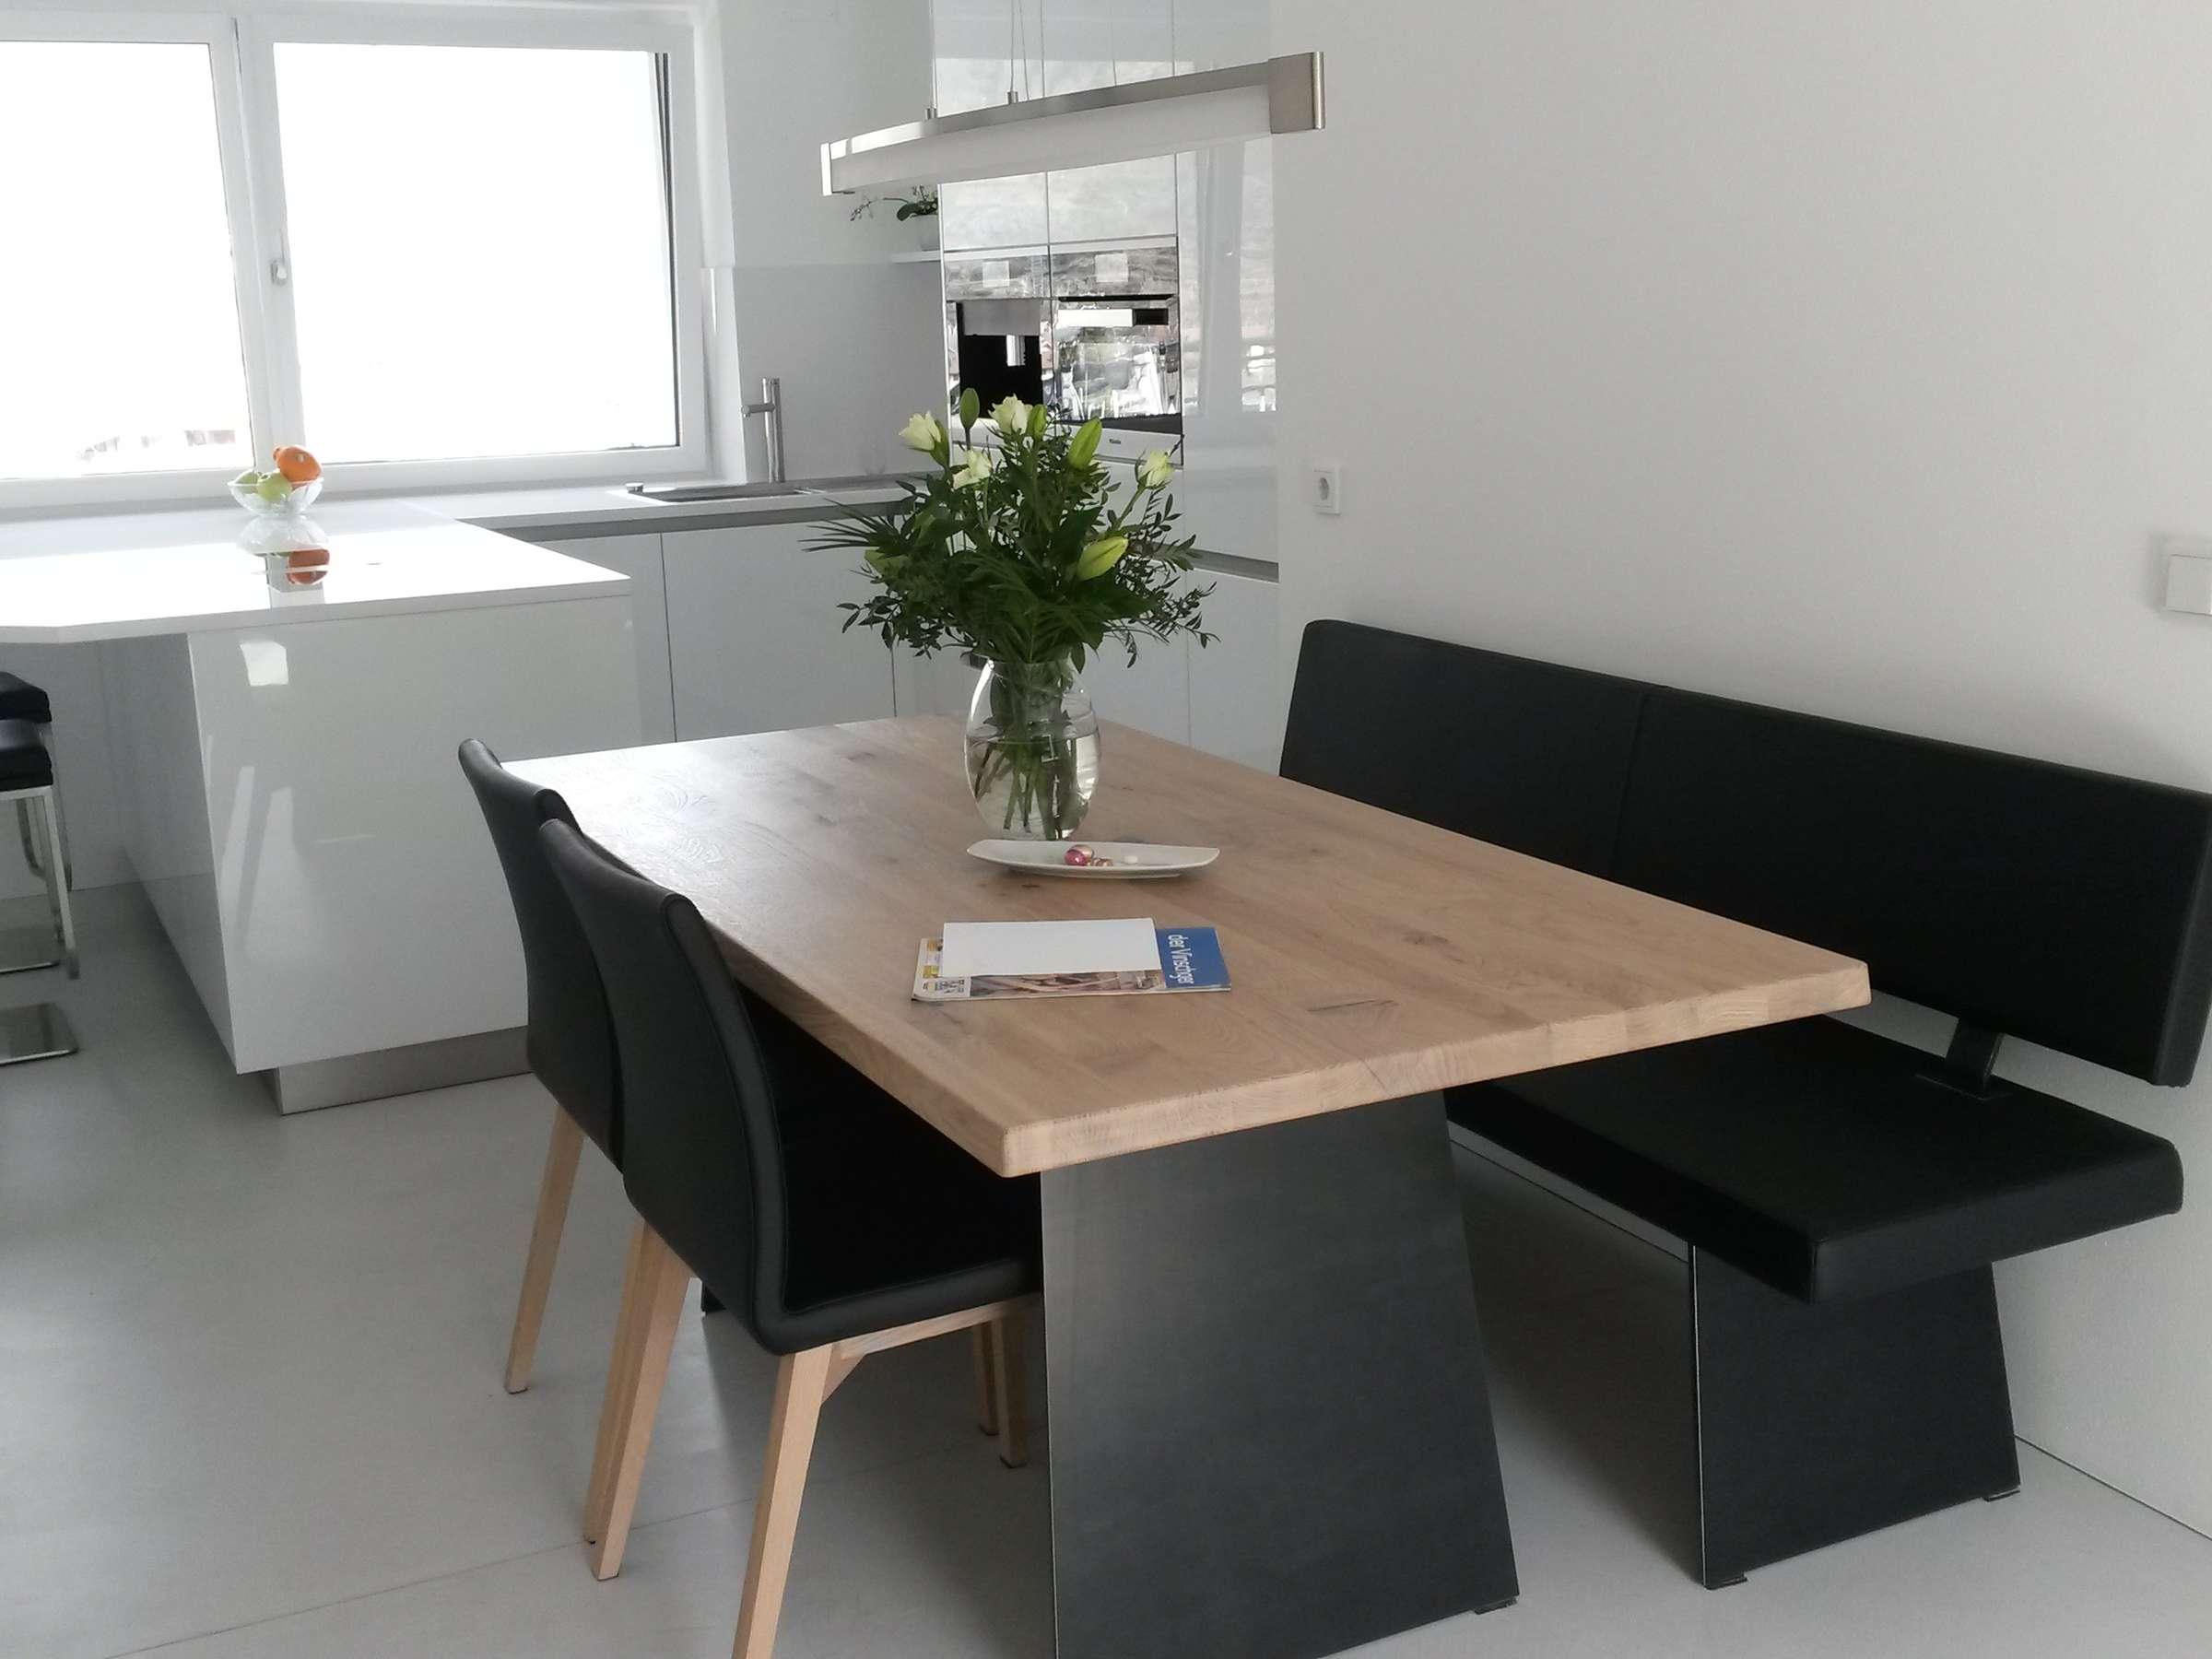 k chen moderne wohn essbereiche m belhaus walln fer. Black Bedroom Furniture Sets. Home Design Ideas